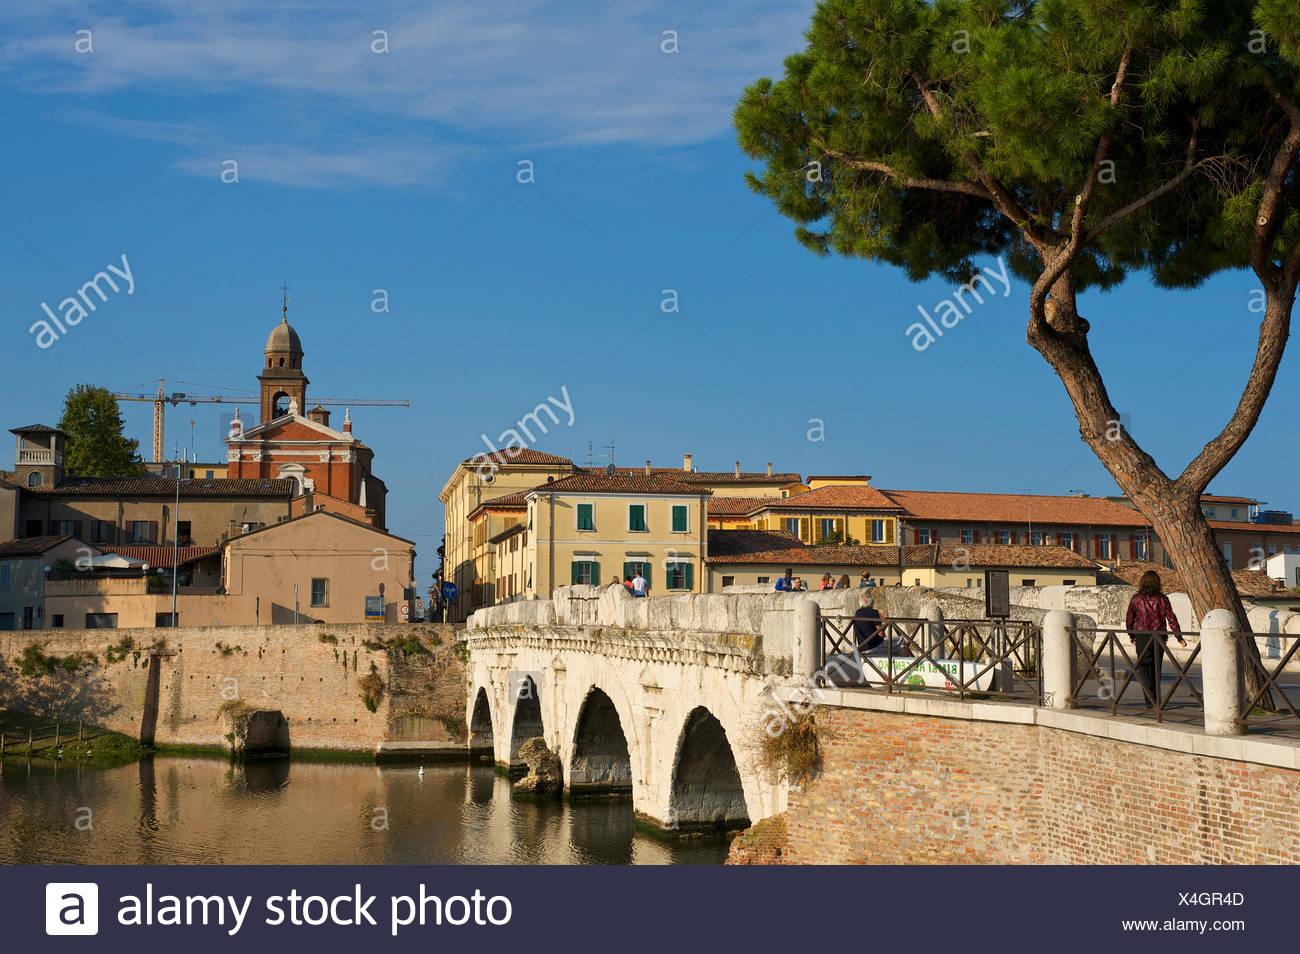 Adriatic, Italy, Europe, outside, day, nobody, Emilia-Romagna, Tiberius bridge, arch bridge, bridge, Achitektur, Rimini - Stock Image